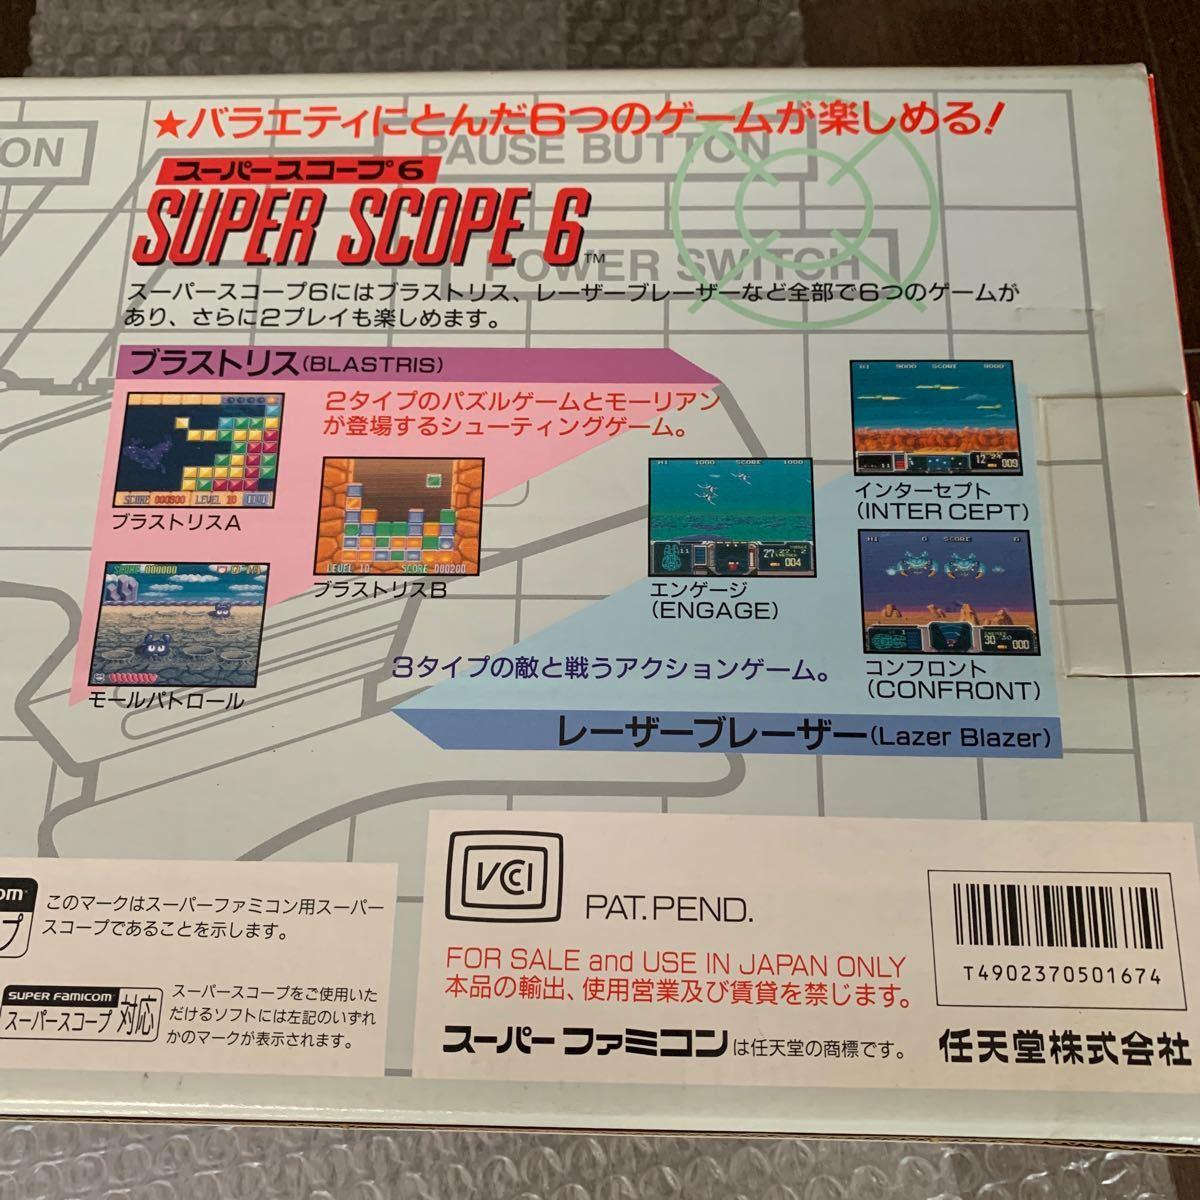 スーパーファミコン スーパースコープ